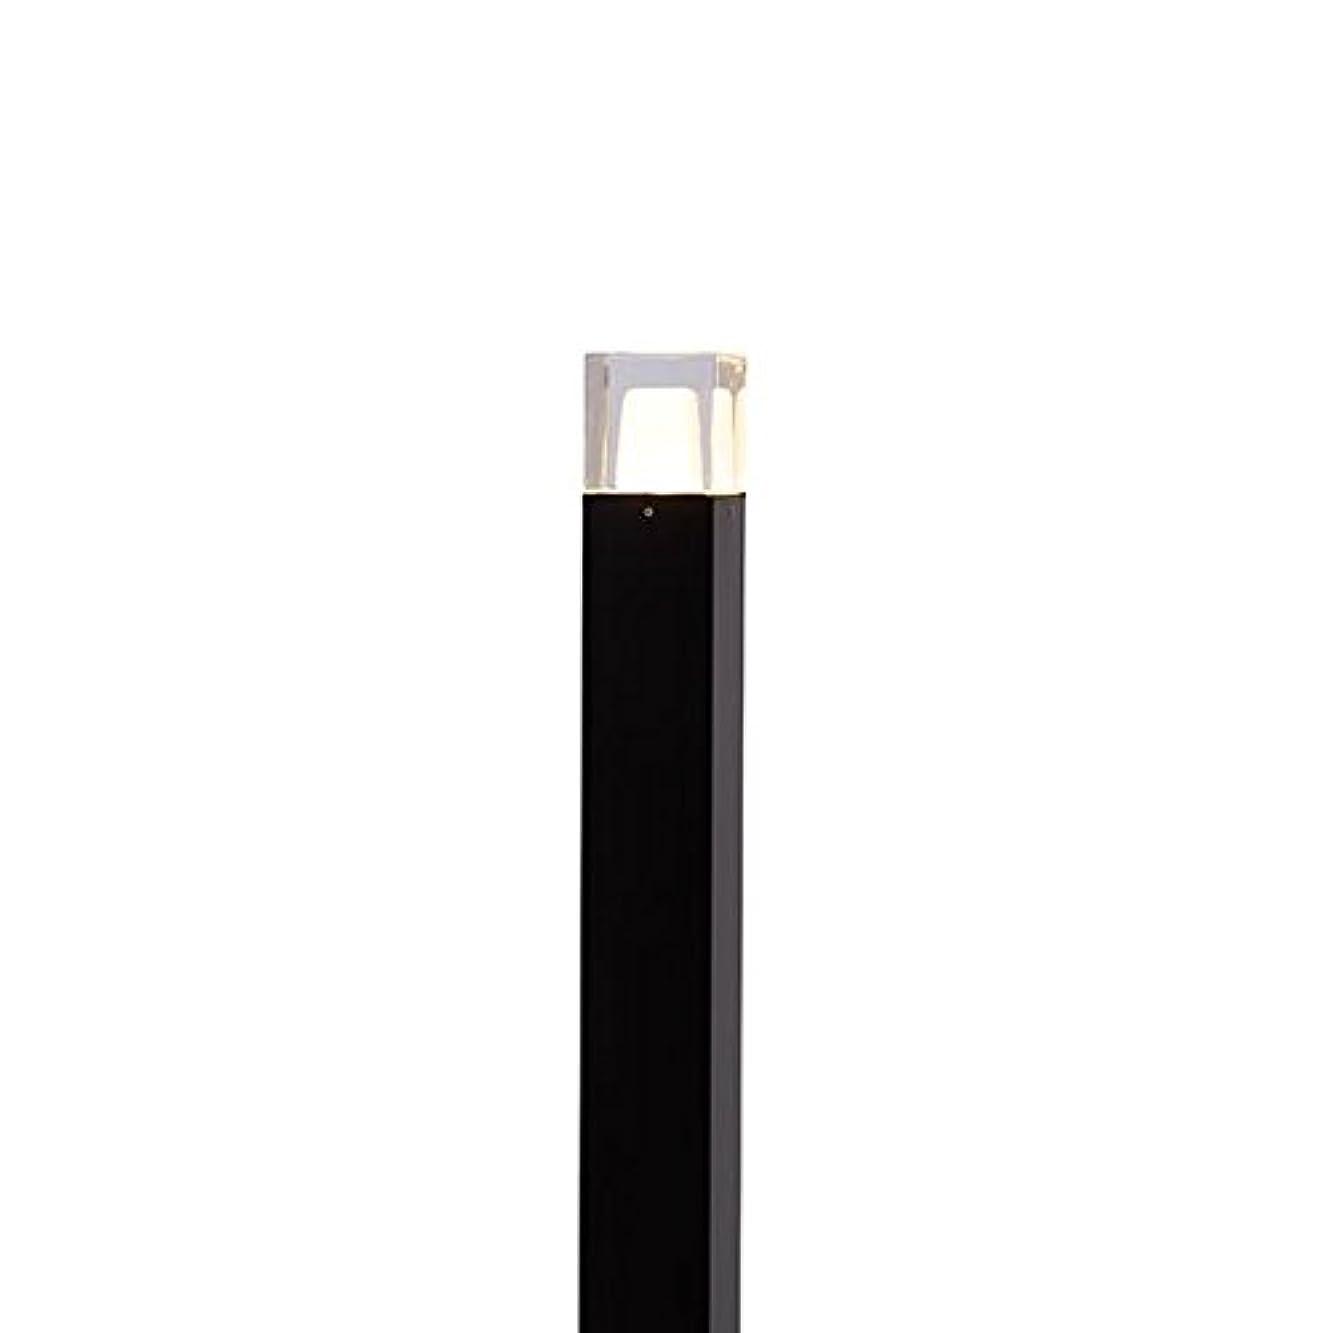 セットアップ意外いいねタカショー ポールライト(ローボルト) エクスレッズポールライト 3型(LED色:電球色) 12V用 #73474900 HBC-D39K 『ローボルトライト』 『エクステリア照明 ライト』 ブラック